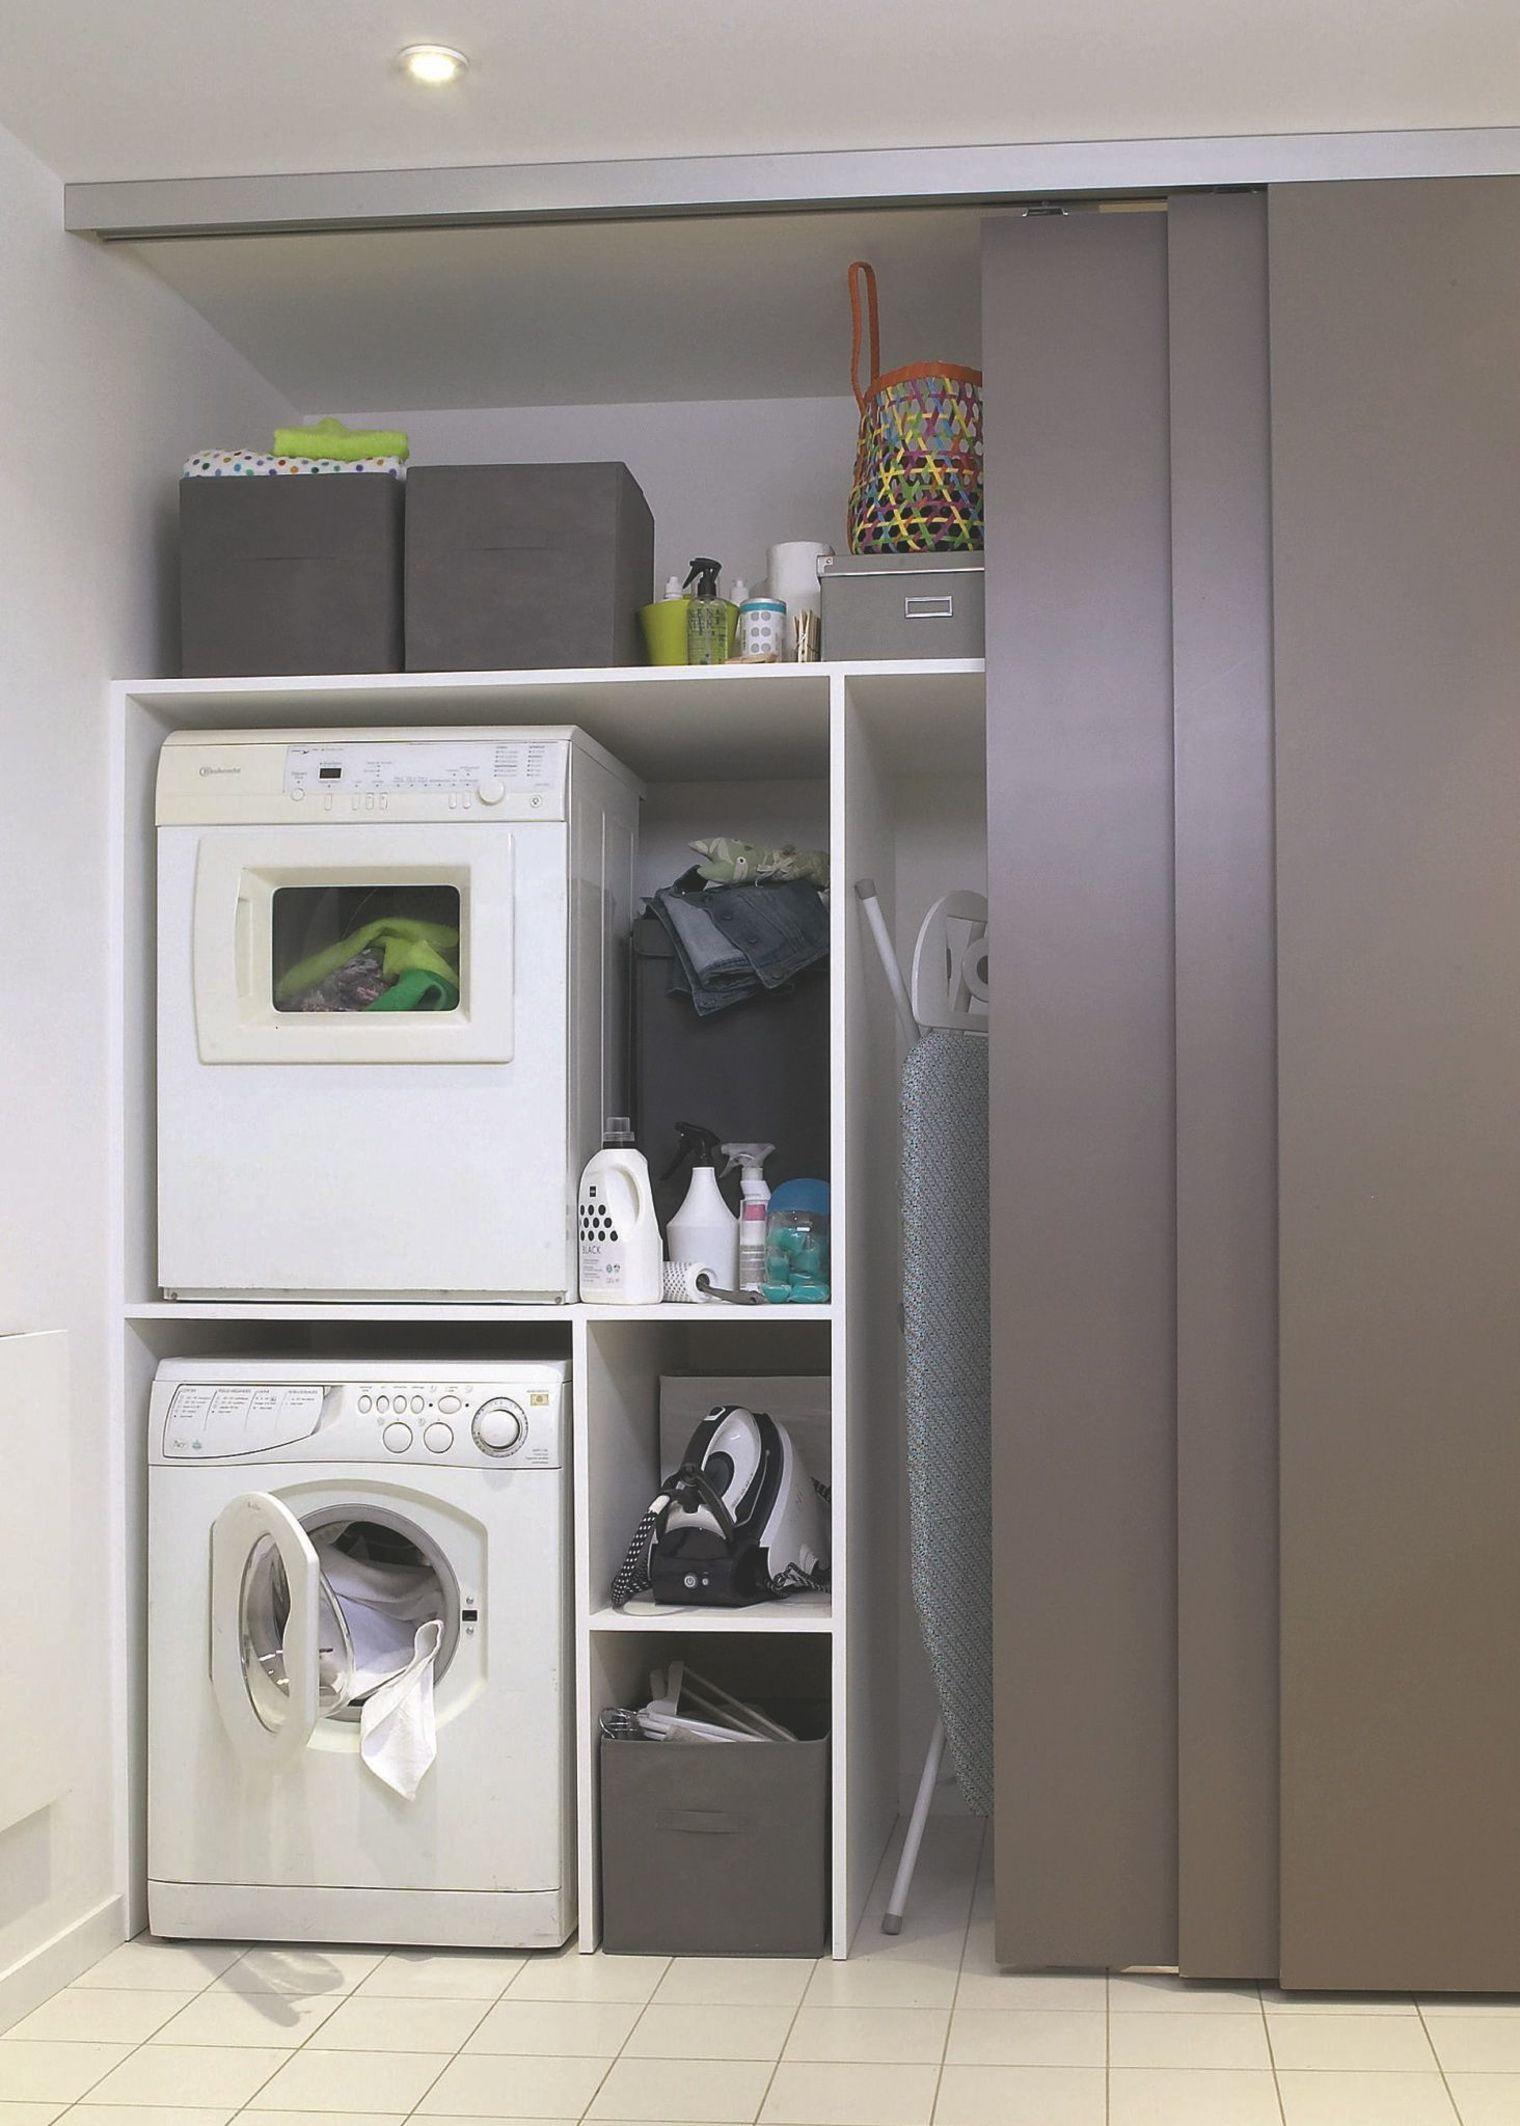 Installer lave-linge dans la salle de bains, buanderie   Linge ...